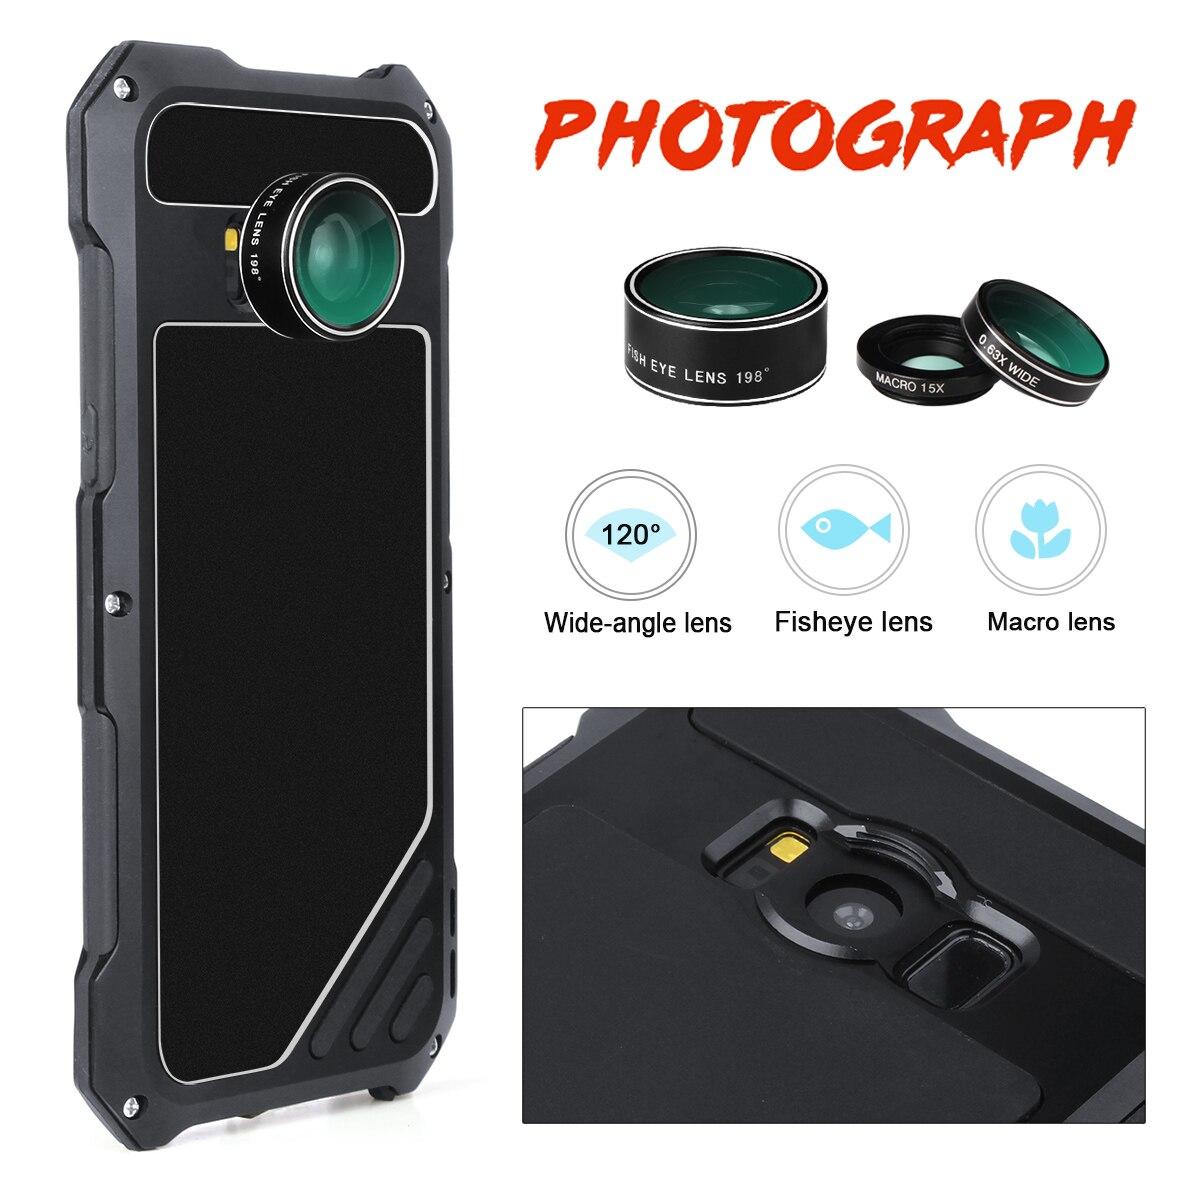 imágenes para Para Samsung Galaxy S8 S8 Más Caso de Gran angular Ojo de Pez Macro Lente A Prueba de Choques de Aluminio del Metal Armor Casos de la Cubierta para galaxy s8